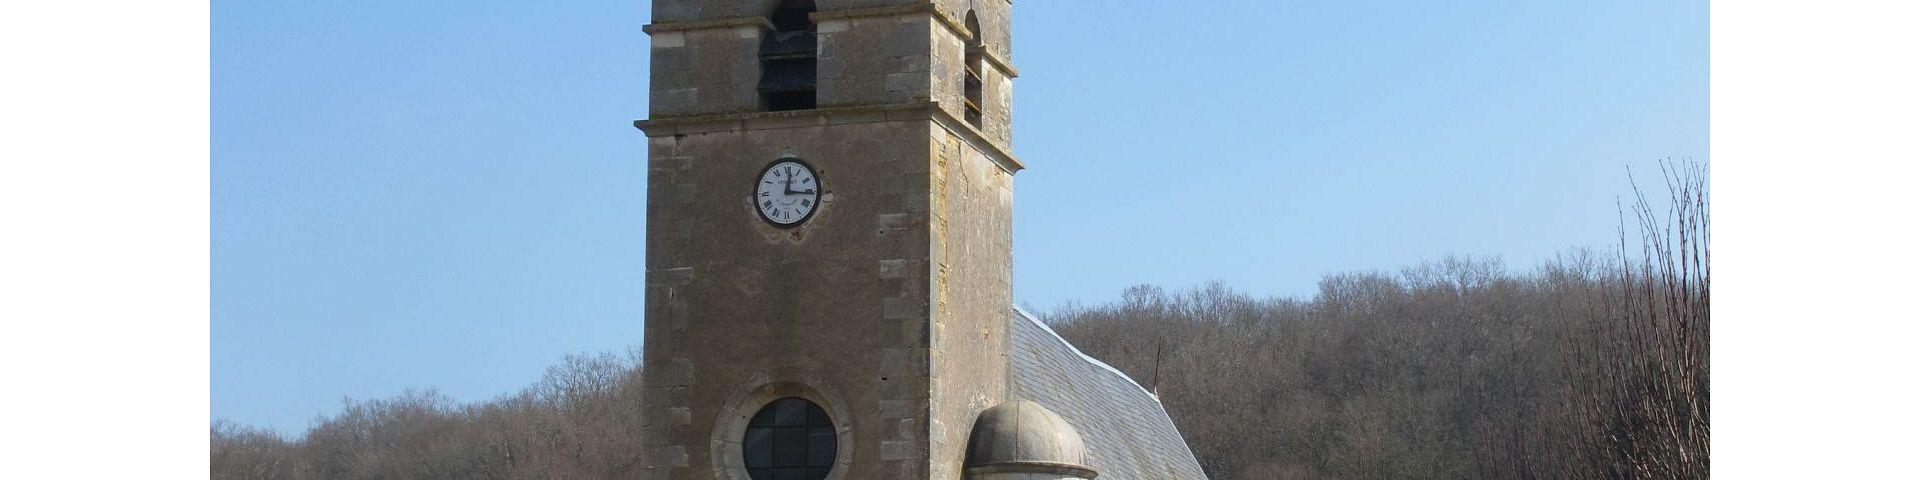 Ouagne - Eglise St-Gervais et St-Protais (58)